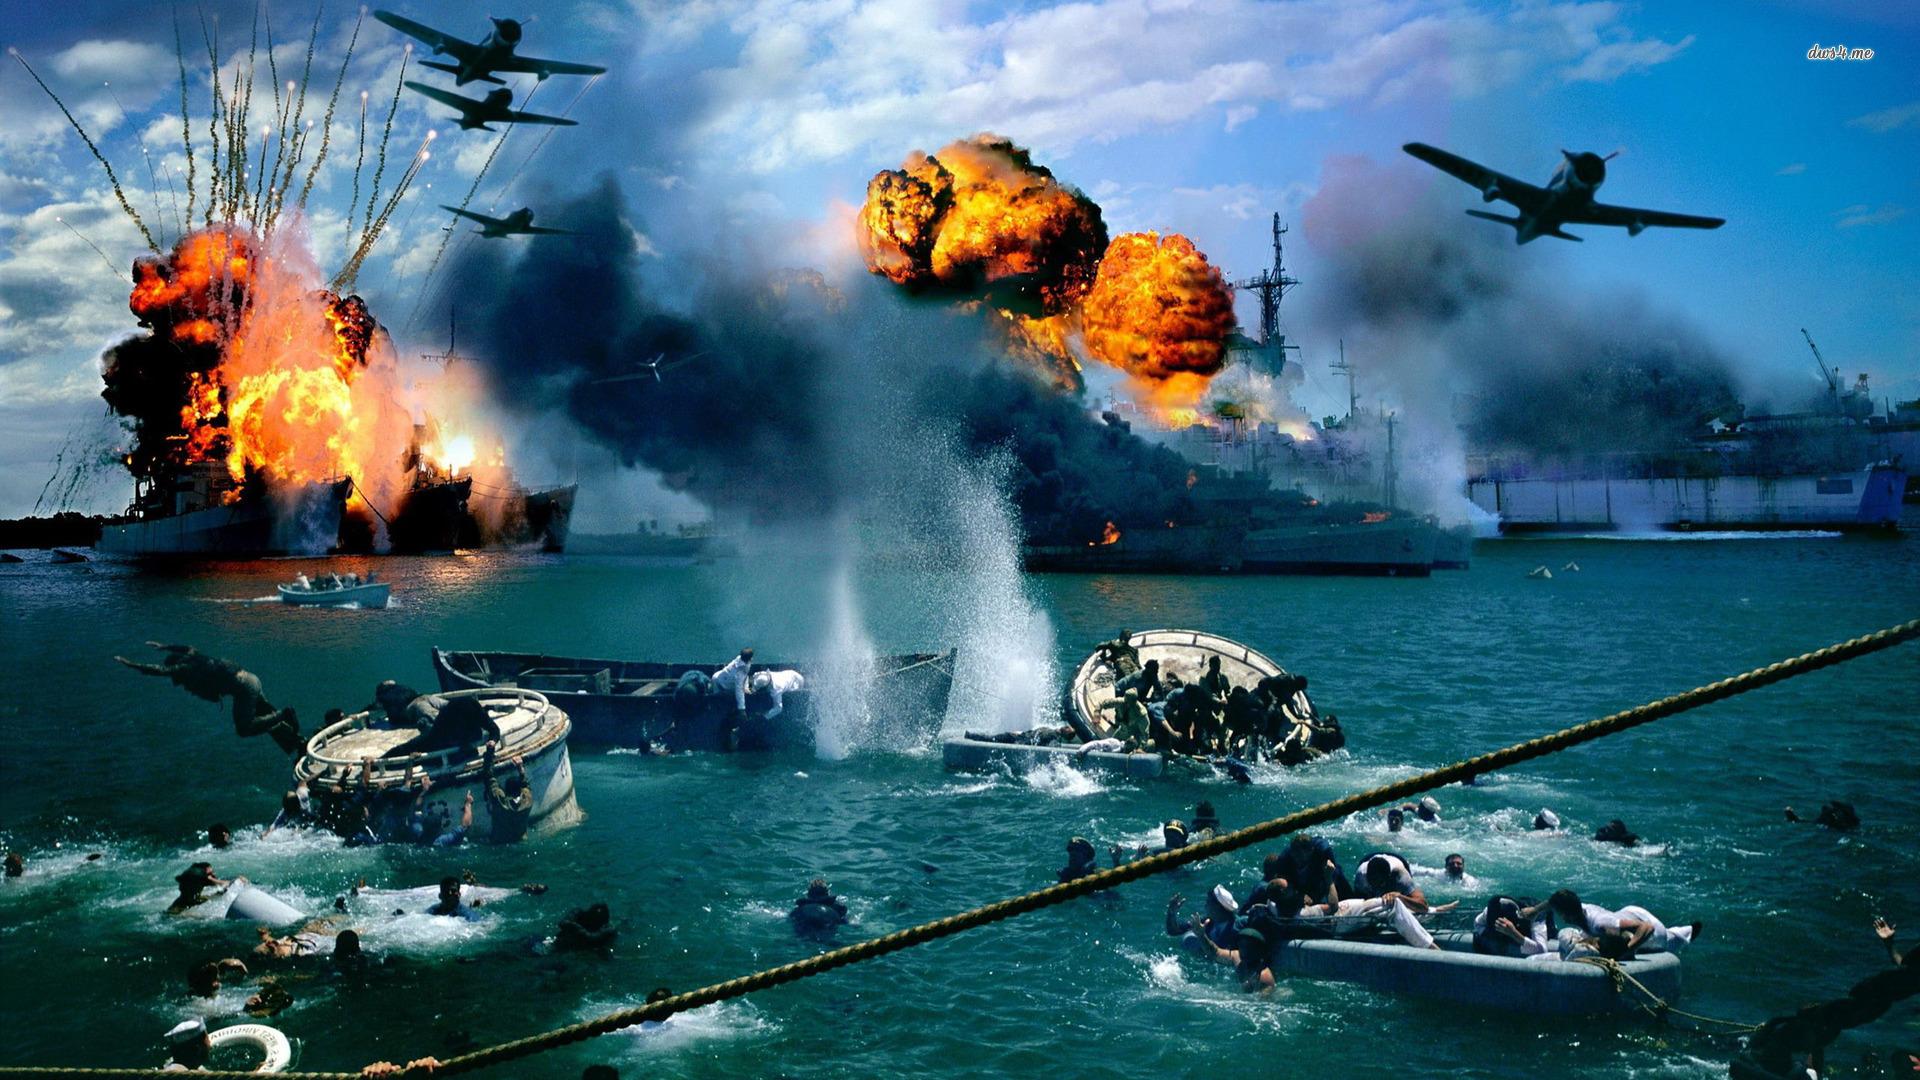 7 декабря 1941 года Япония атаковала американскую базу в Пёрл-Харбор